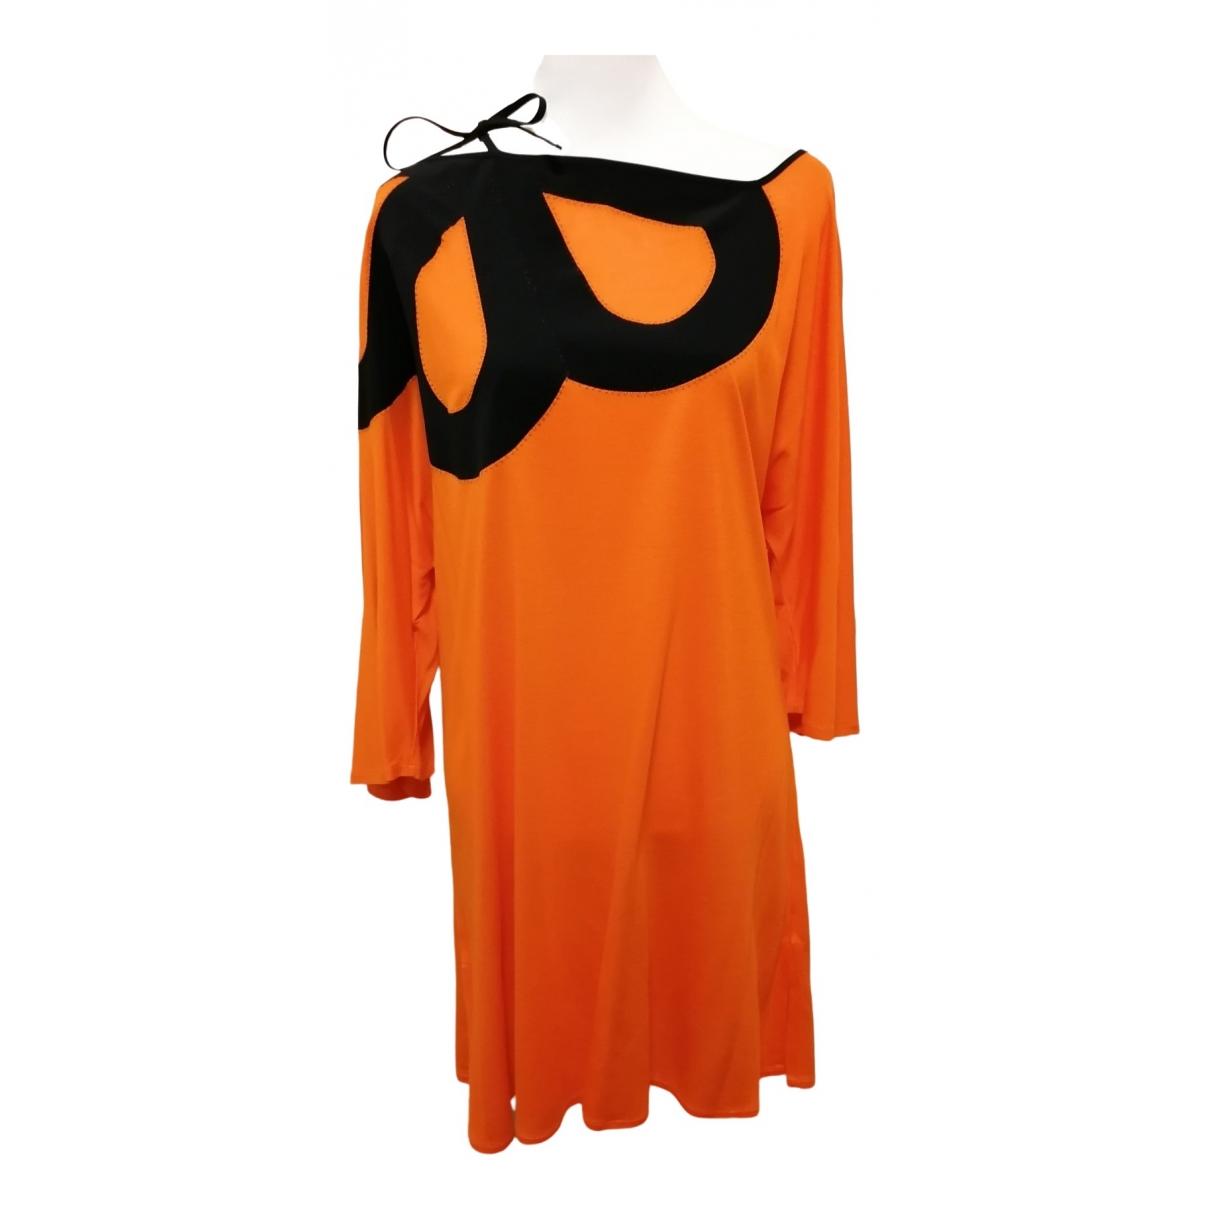 La Perla \N Orange  top for Women 46 IT